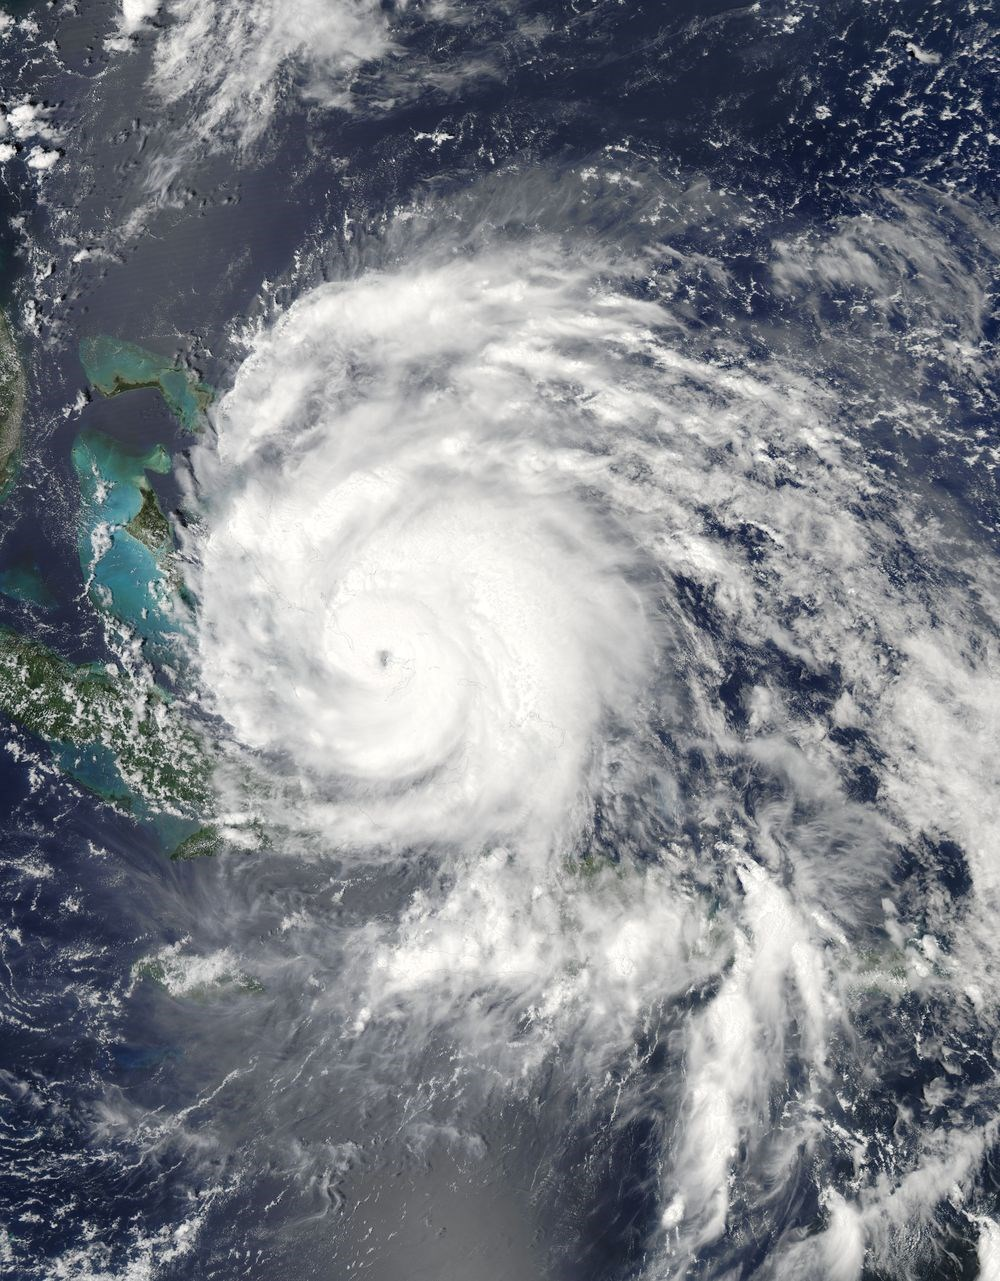 科學家發現,颶風與地震這兩種天災會混搭在一起,成為新型災害「風暴震」。研究團隊發現2011年的颶風艾琳在佛羅里達海岸曾引發地震。(圖取自NASA Earth Observatory網頁earthobservatory.nasa.gov)